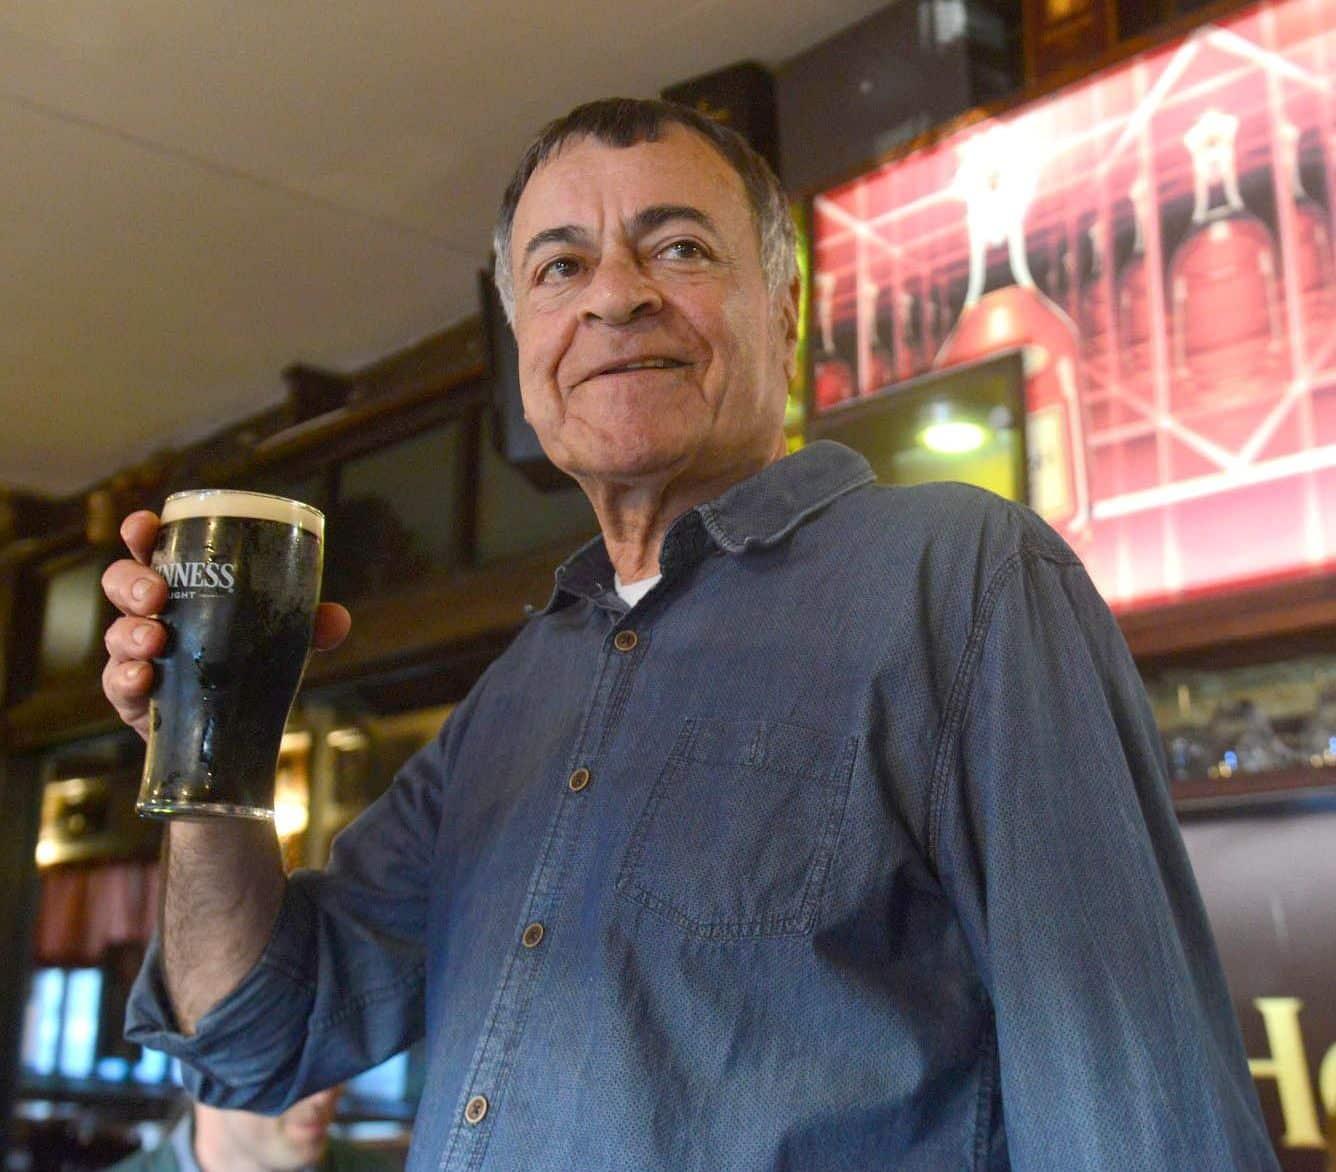 עזרא מספר שהמקום החל את פעילותו בחלק בו קיימים היום ברזי הבירה